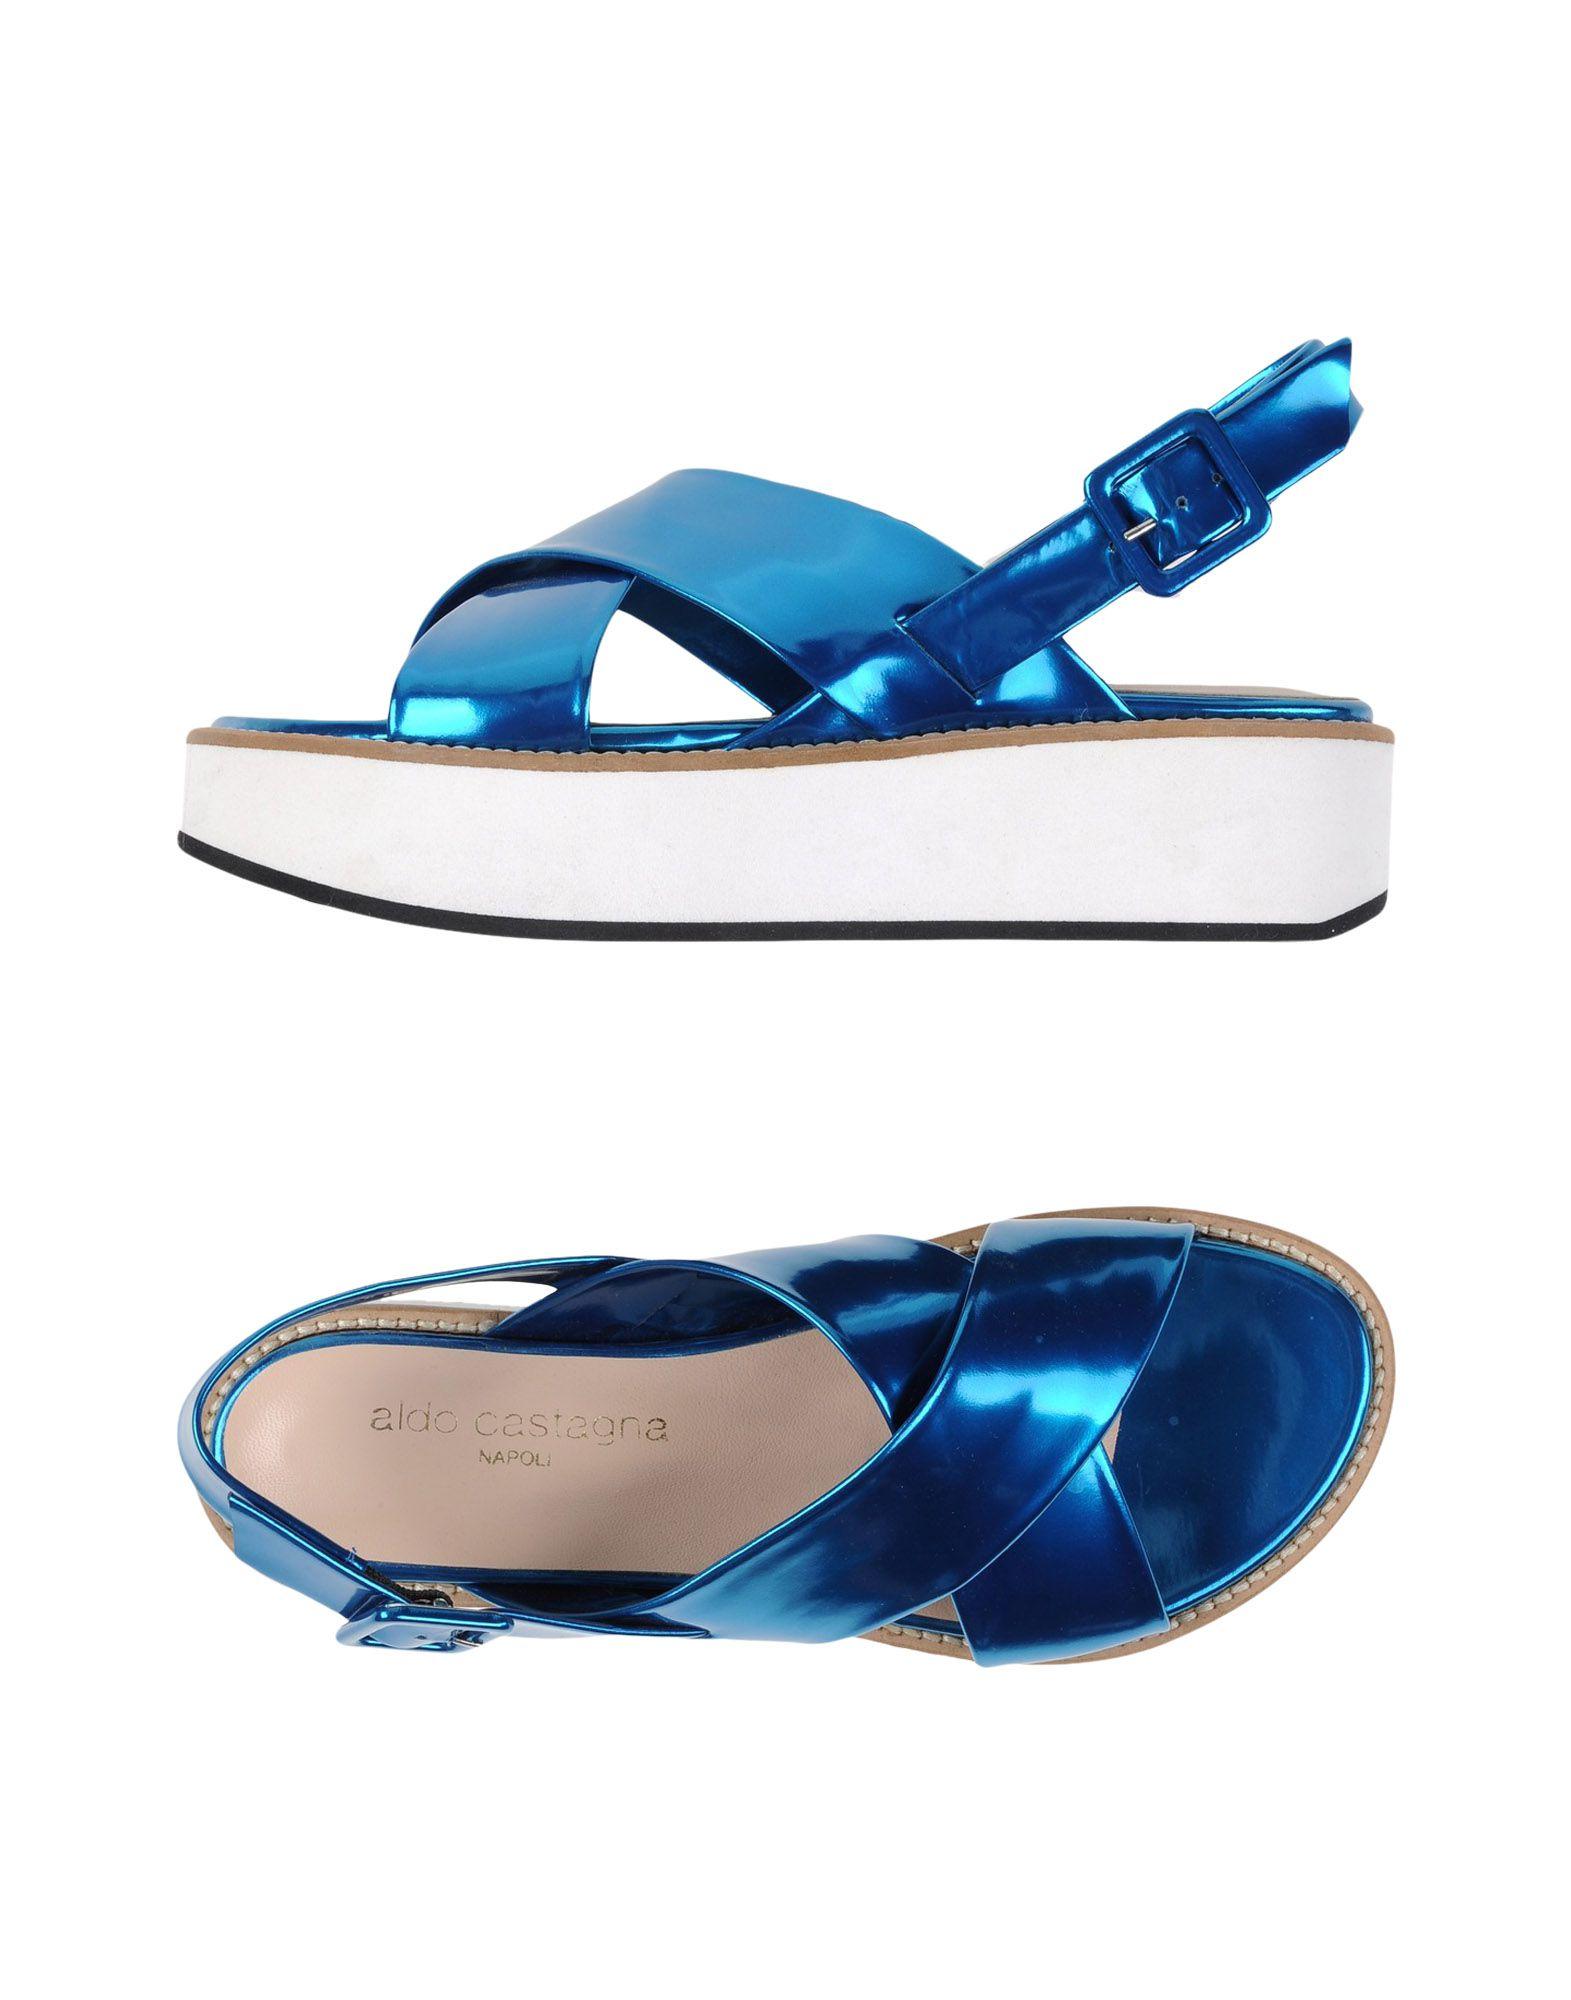 Aldo Damen Castagna Sandalen Damen Aldo  11125198GW Neue Schuhe 16590d